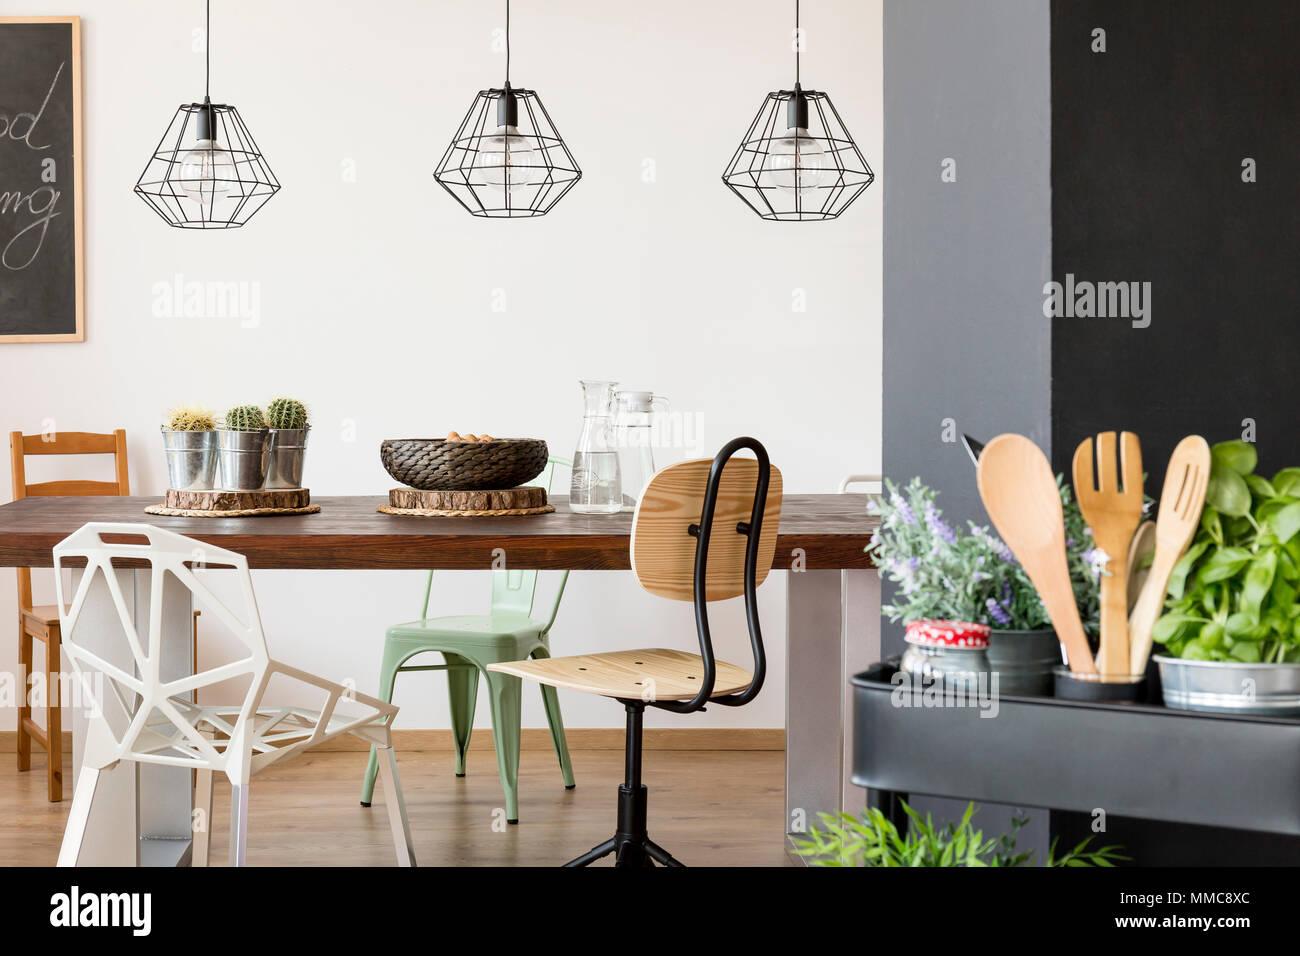 Zimmer Mit Gemeinsamen Tisch Stuhle Hangelampen Kuche Warenkorb